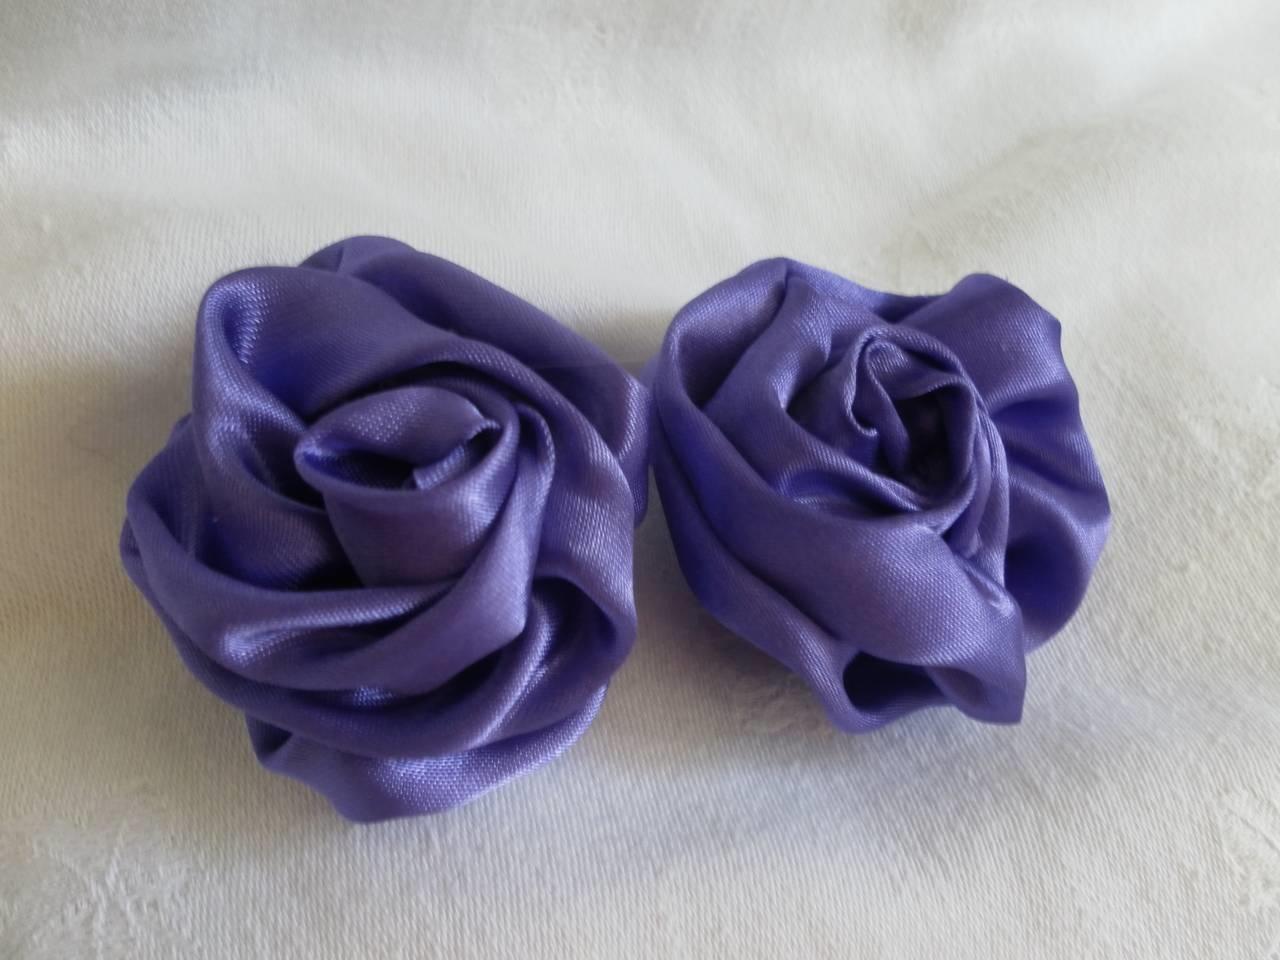 Fiori fai da te composizioni di fiori come realizzare for Fermaporta fai da te in stoffa